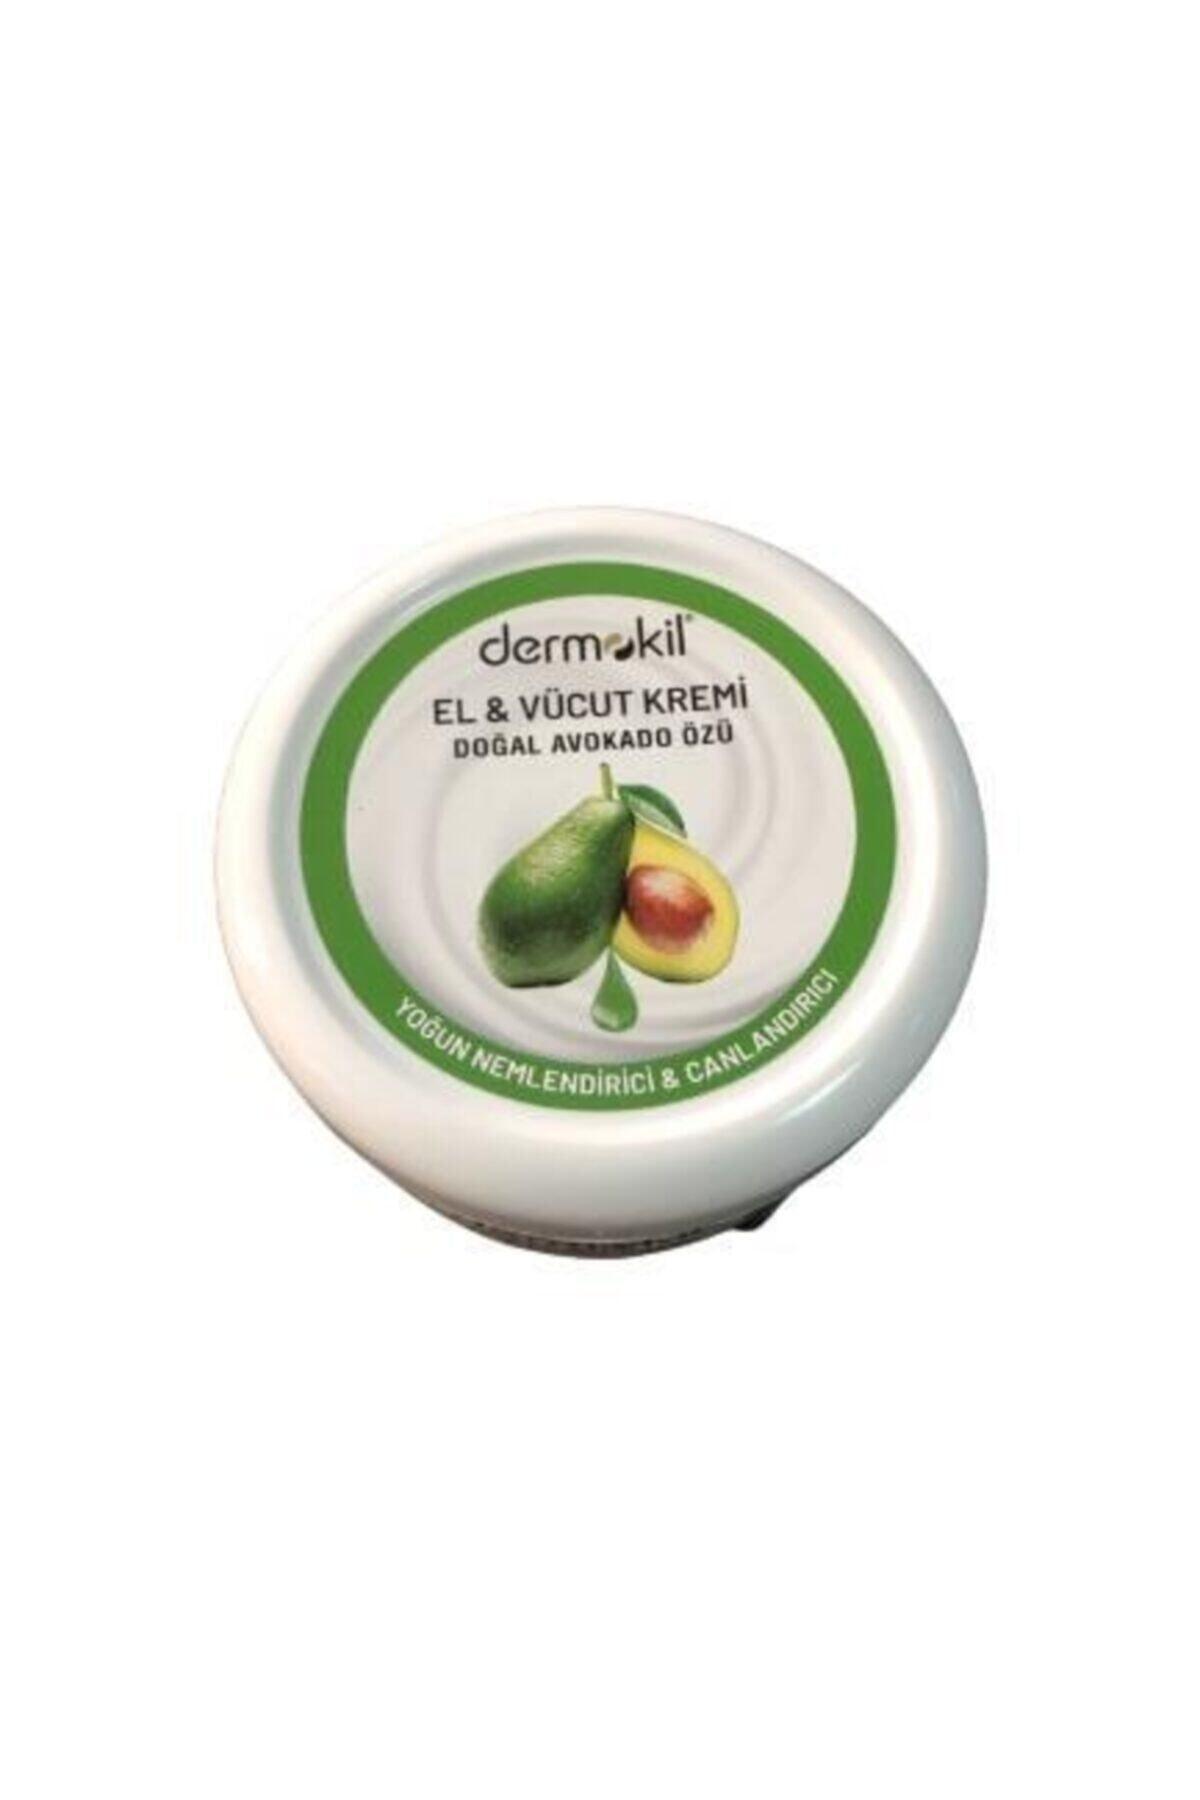 Dermokil Doğal Avokado Özü El Vücut Kremi 220ml Canlandırıcı 2